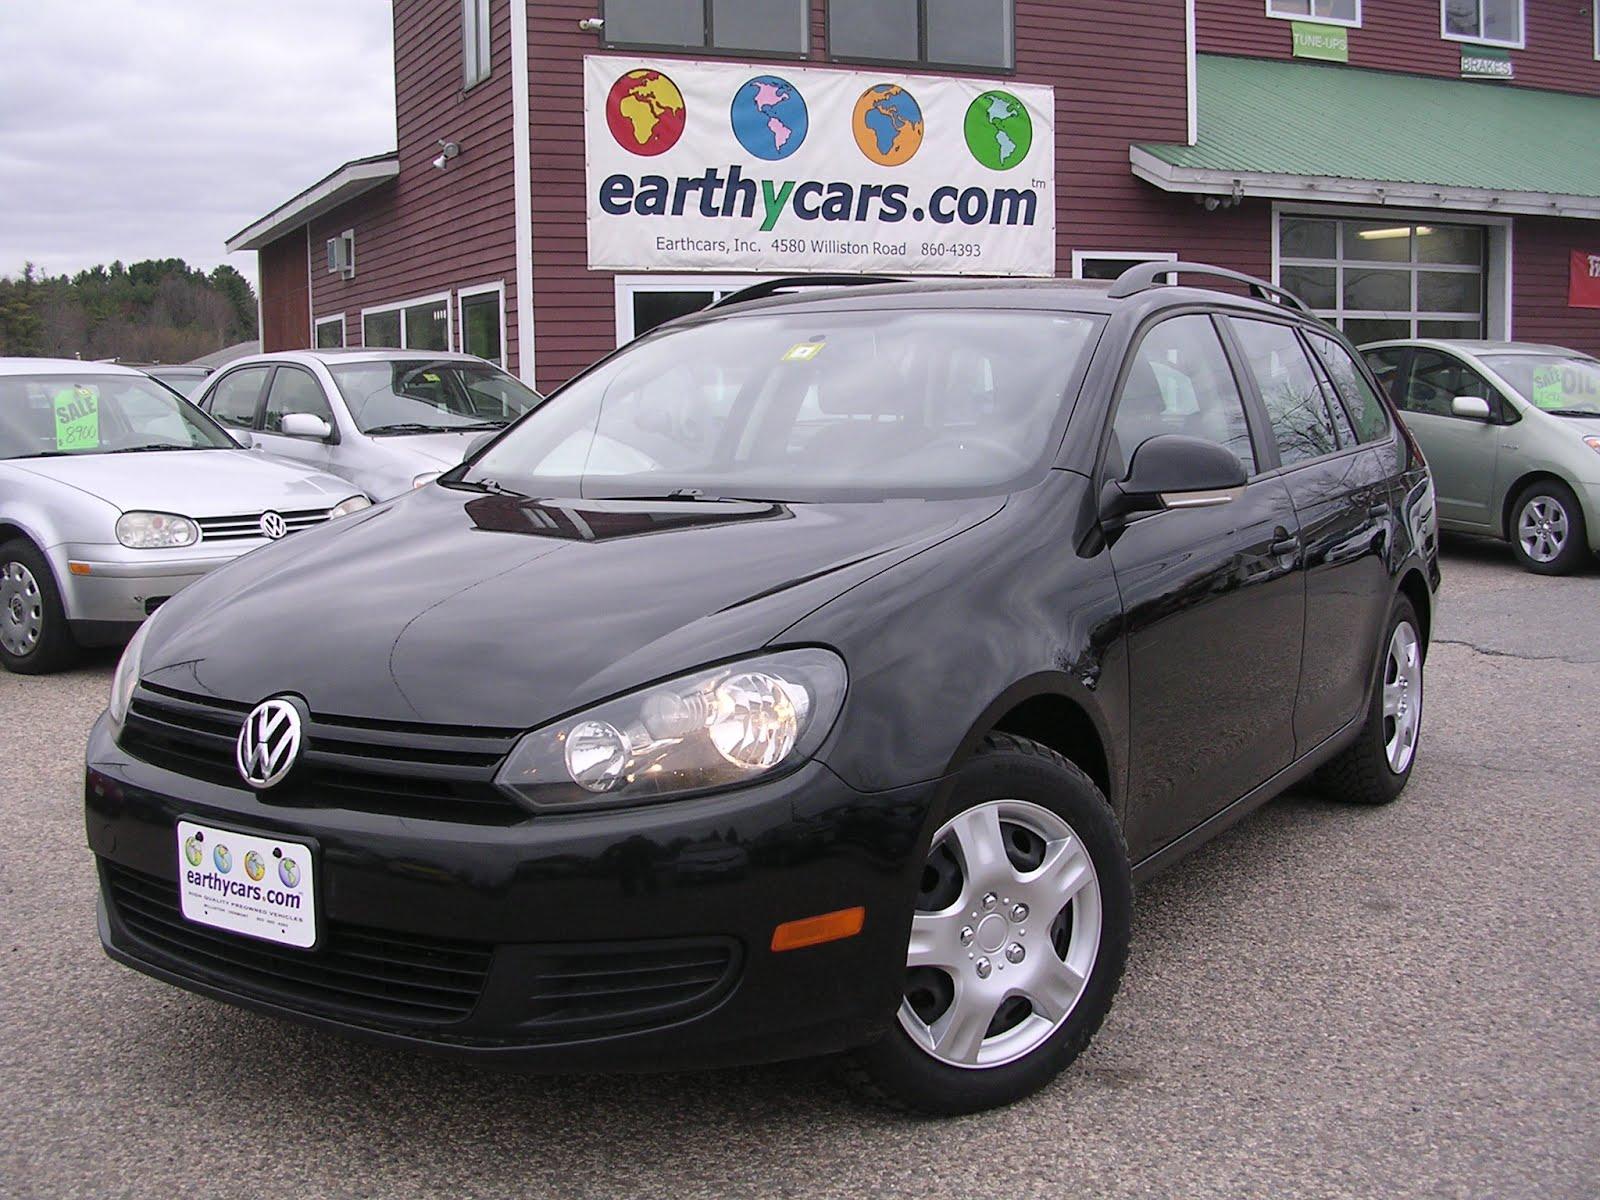 ... : EARTHY CAR OF THE WEEK: 2010 Black Volkswagen Jetta Sportswagen S